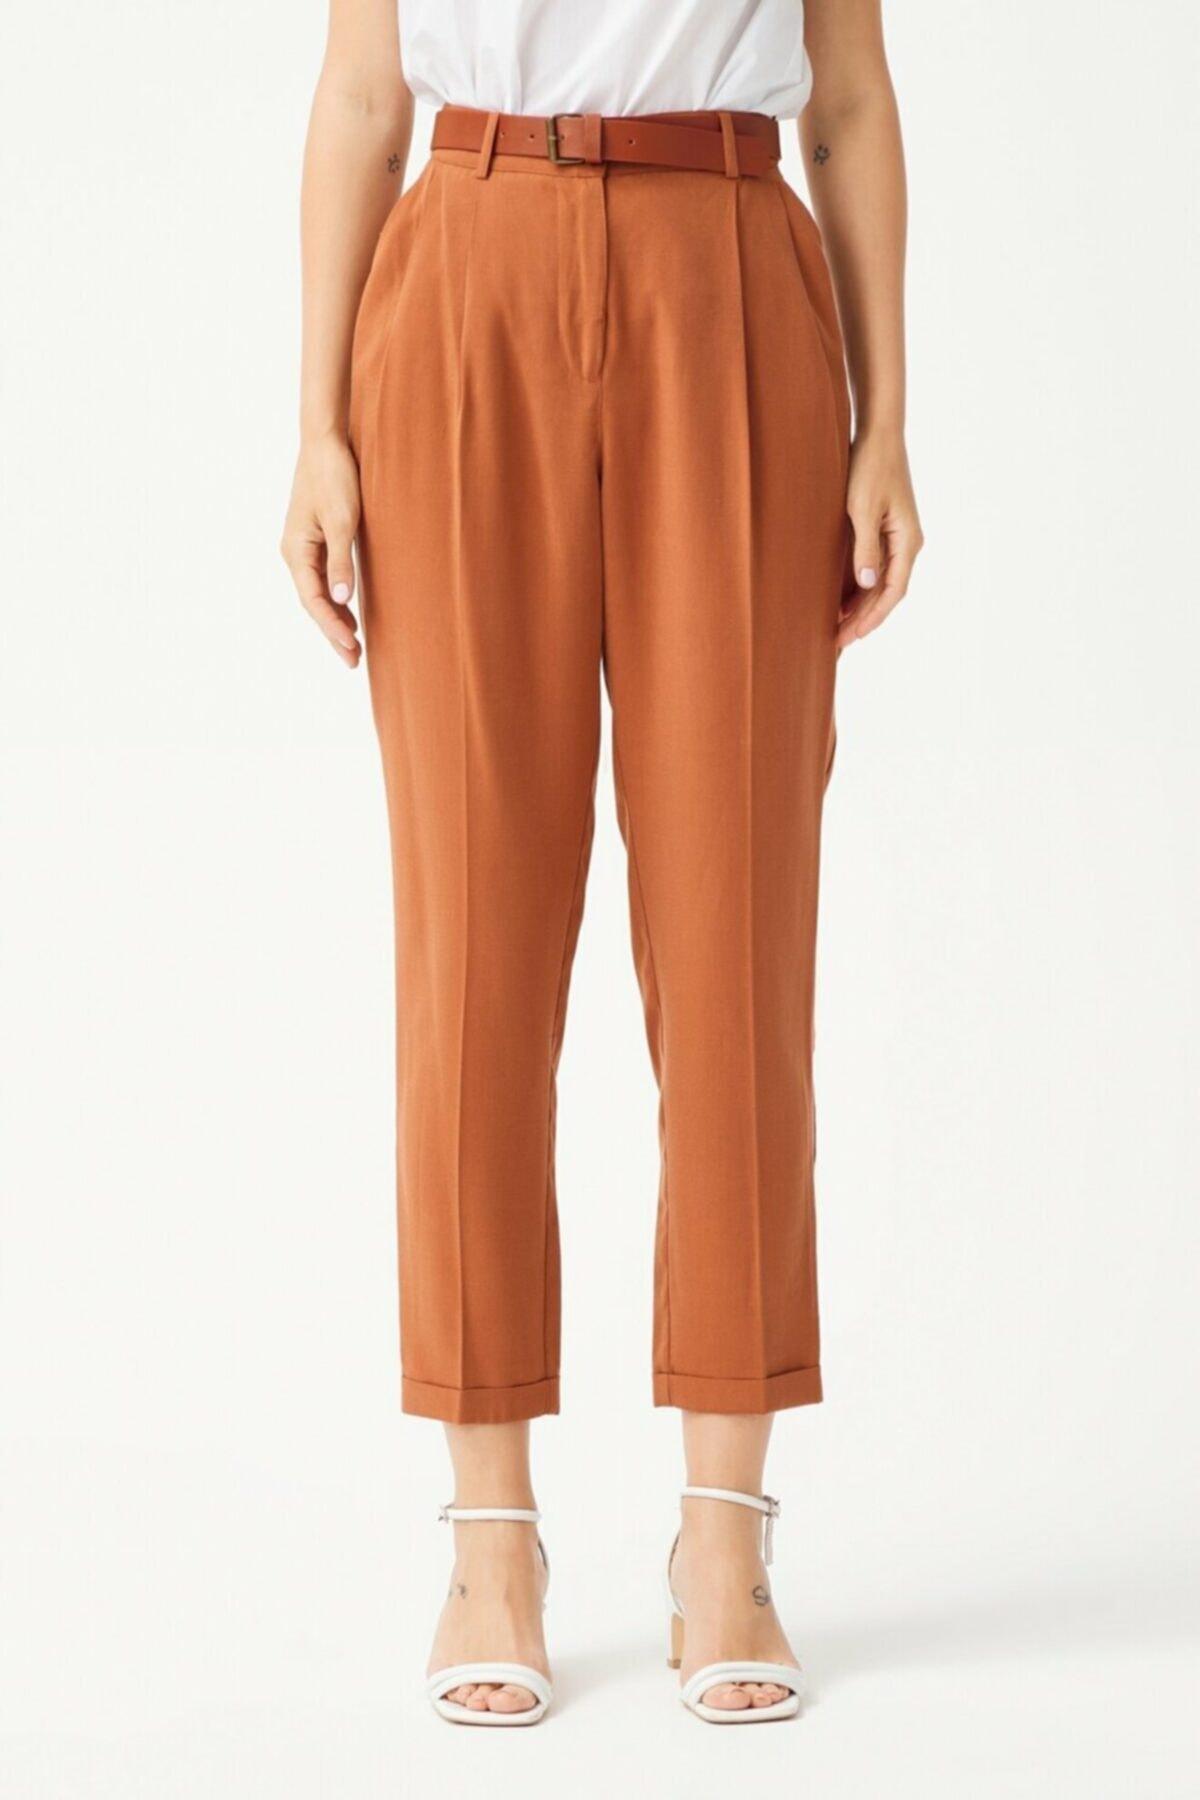 adL Kadın Pileli Pantolon 2